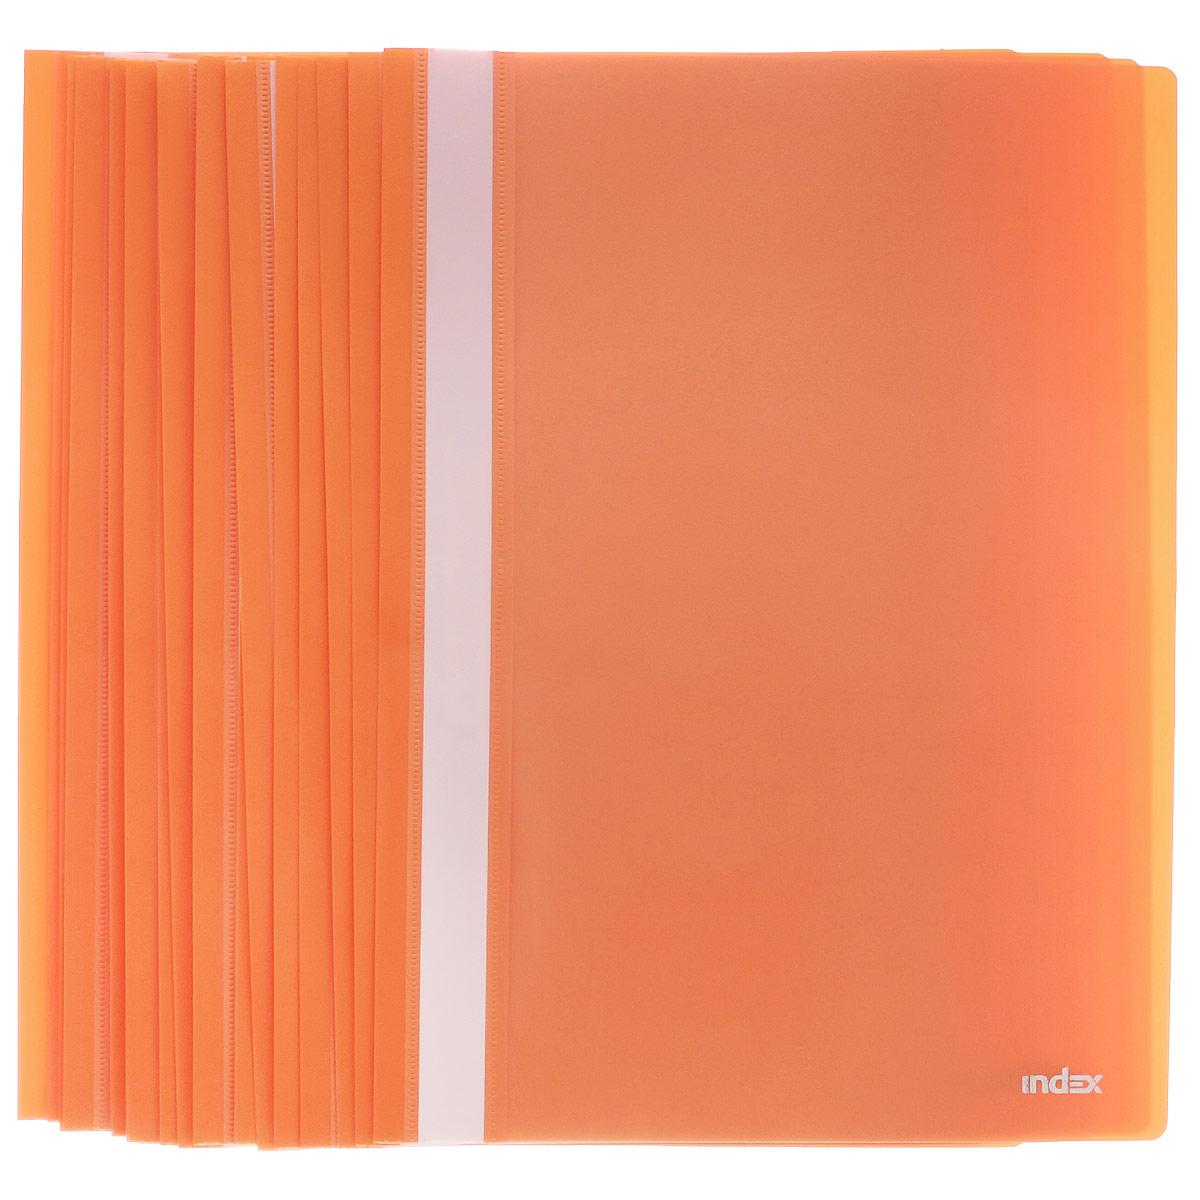 Папка-скоросшиватель Index, цвет: оранжевый. Формат А4, 20 штI200/ORПапка-скоросшиватель Index, изготовленная из высококачественного полипропилена, это удобный и практичный офисный инструмент, предназначенный для хранения и транспортировки рабочих бумаг и документов формата А4. Папка оснащена верхним прозрачным матовым листом и металлическим зажимом внутри для надежного удержания бумаг. В наборе - 20 папок.Папка-скоросшиватель - это незаменимый атрибут для студента, школьника, офисного работника. Такая папка надежно сохранит ваши документы и сбережет их от повреждений, пыли и влаги.Комплектация: 20 шт.